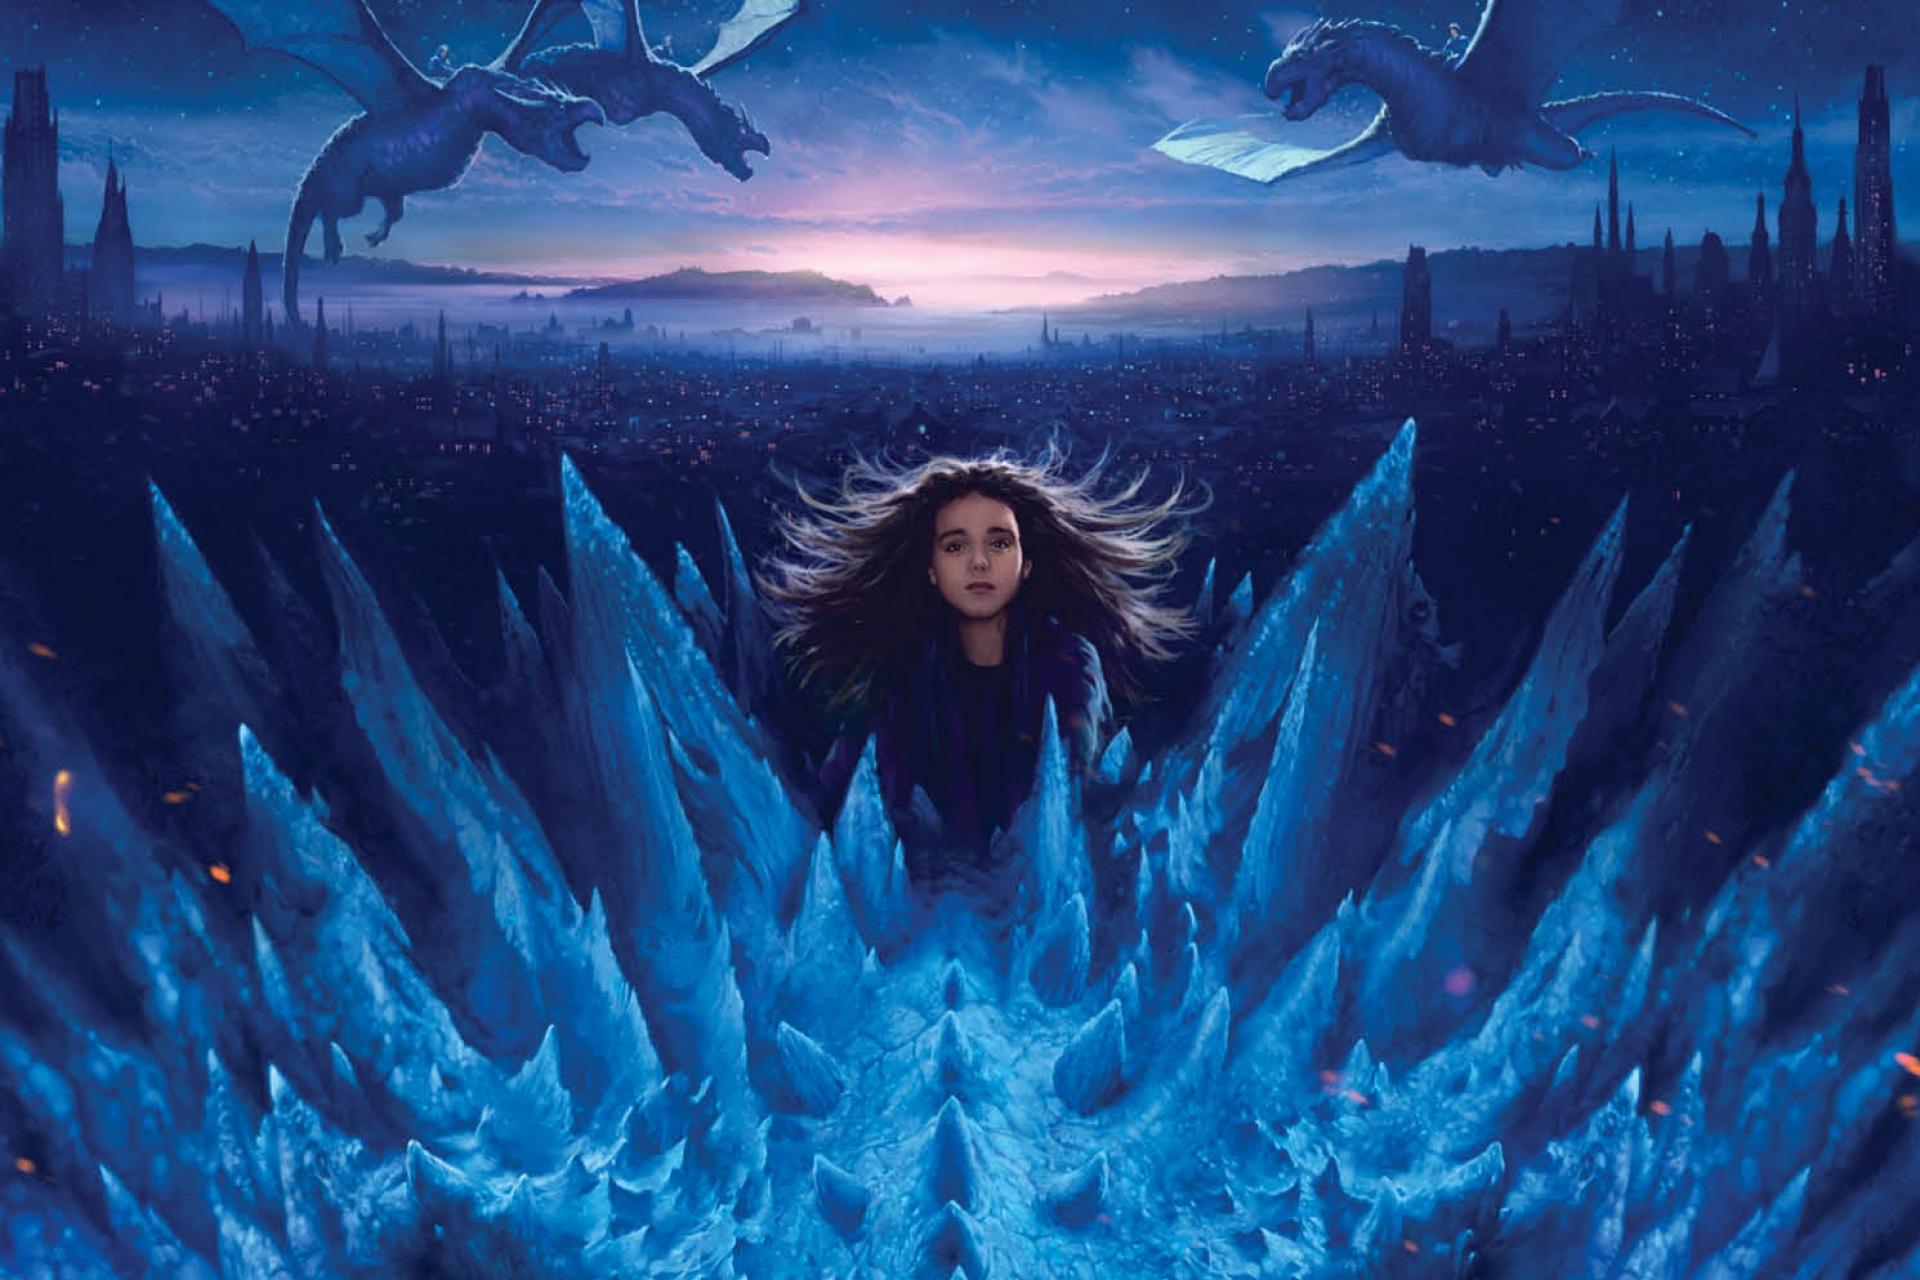 Legends of the Sky - an epic saga from Liz Flanagan